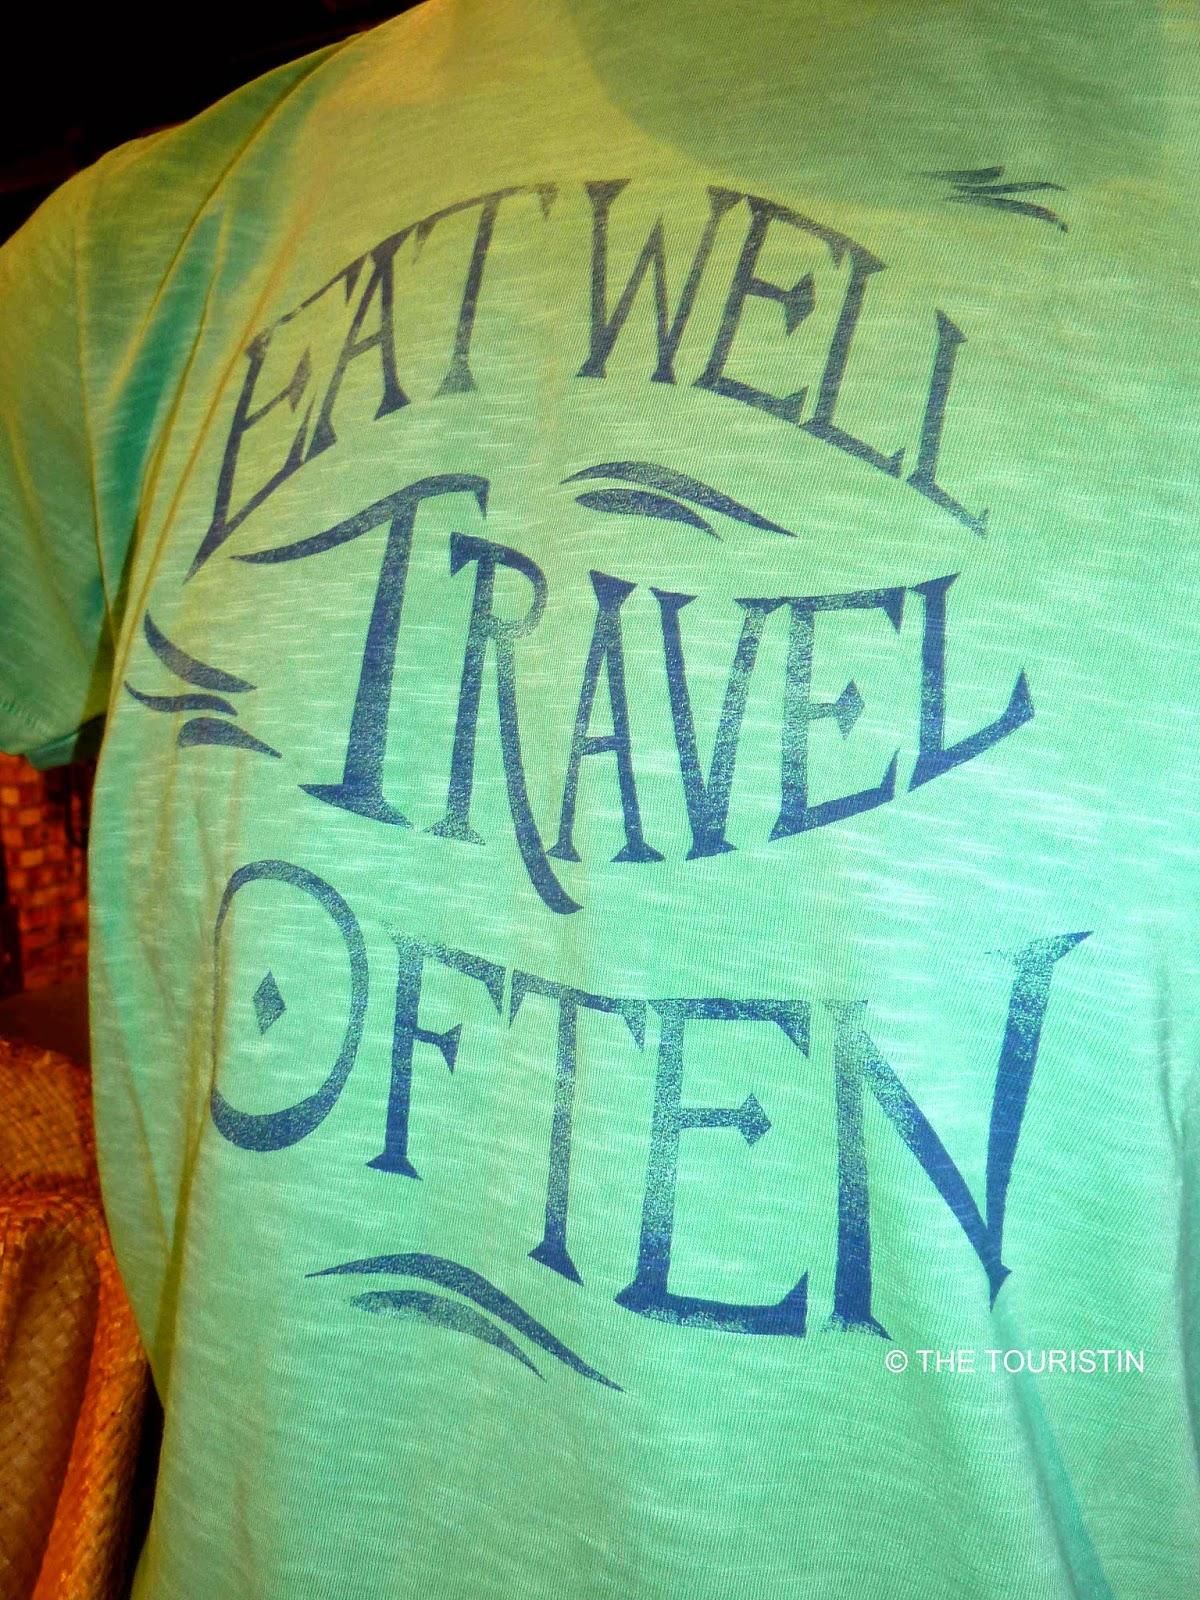 Eat Well - Travel Often